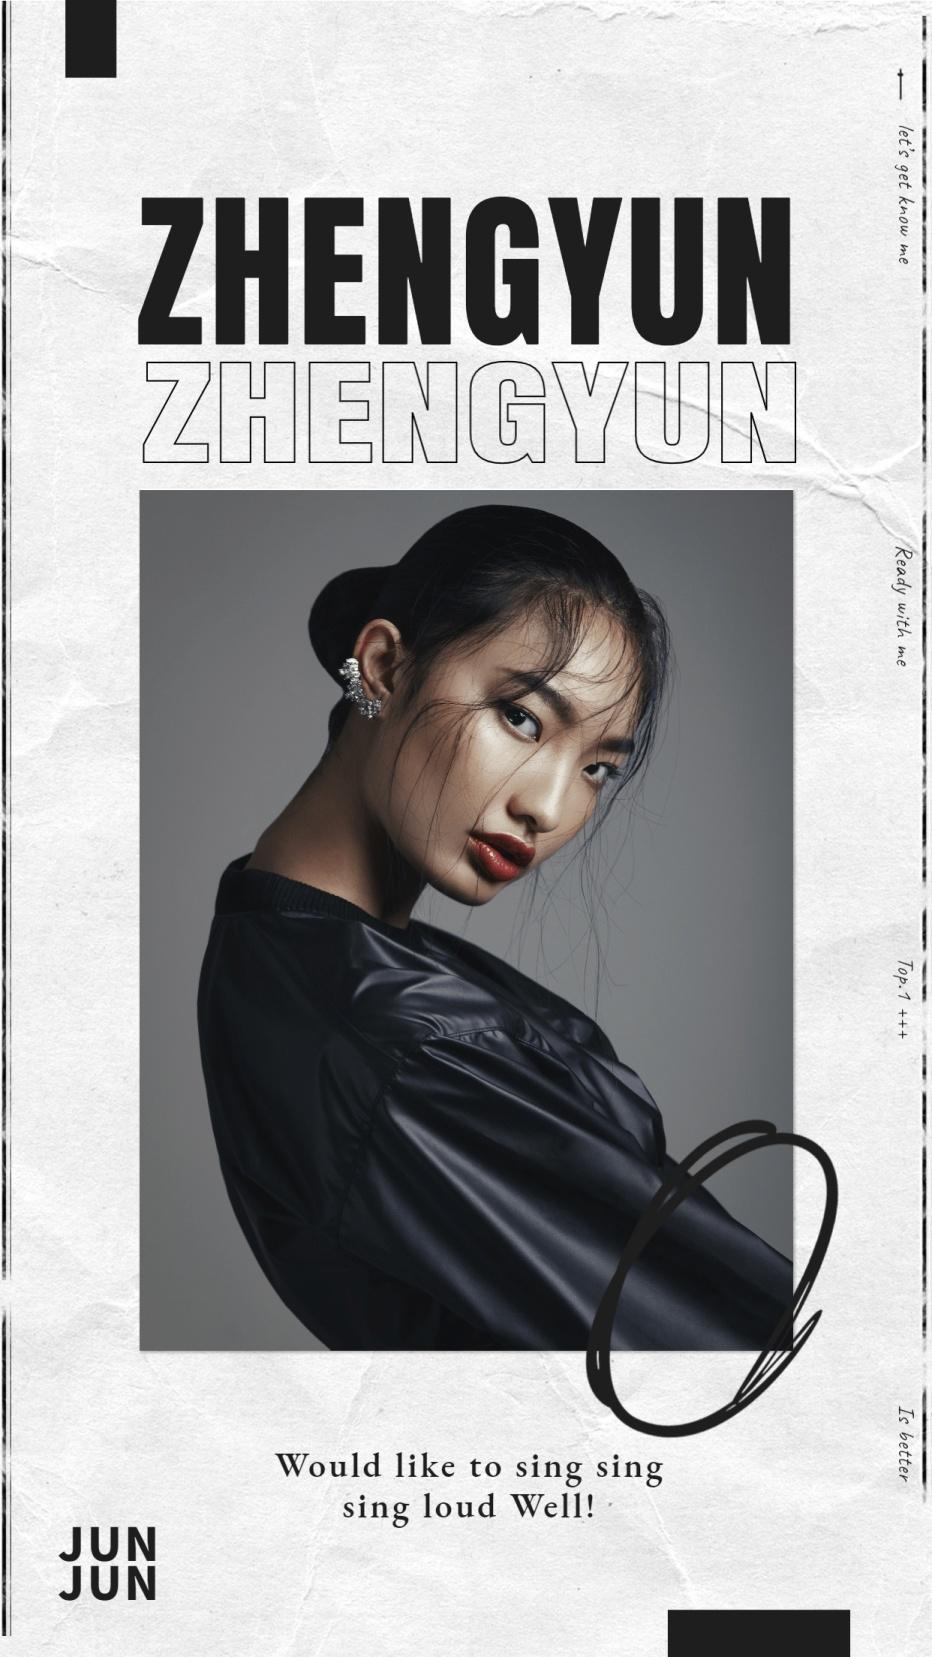 极简大气时尚杂志宣传海报明星应援